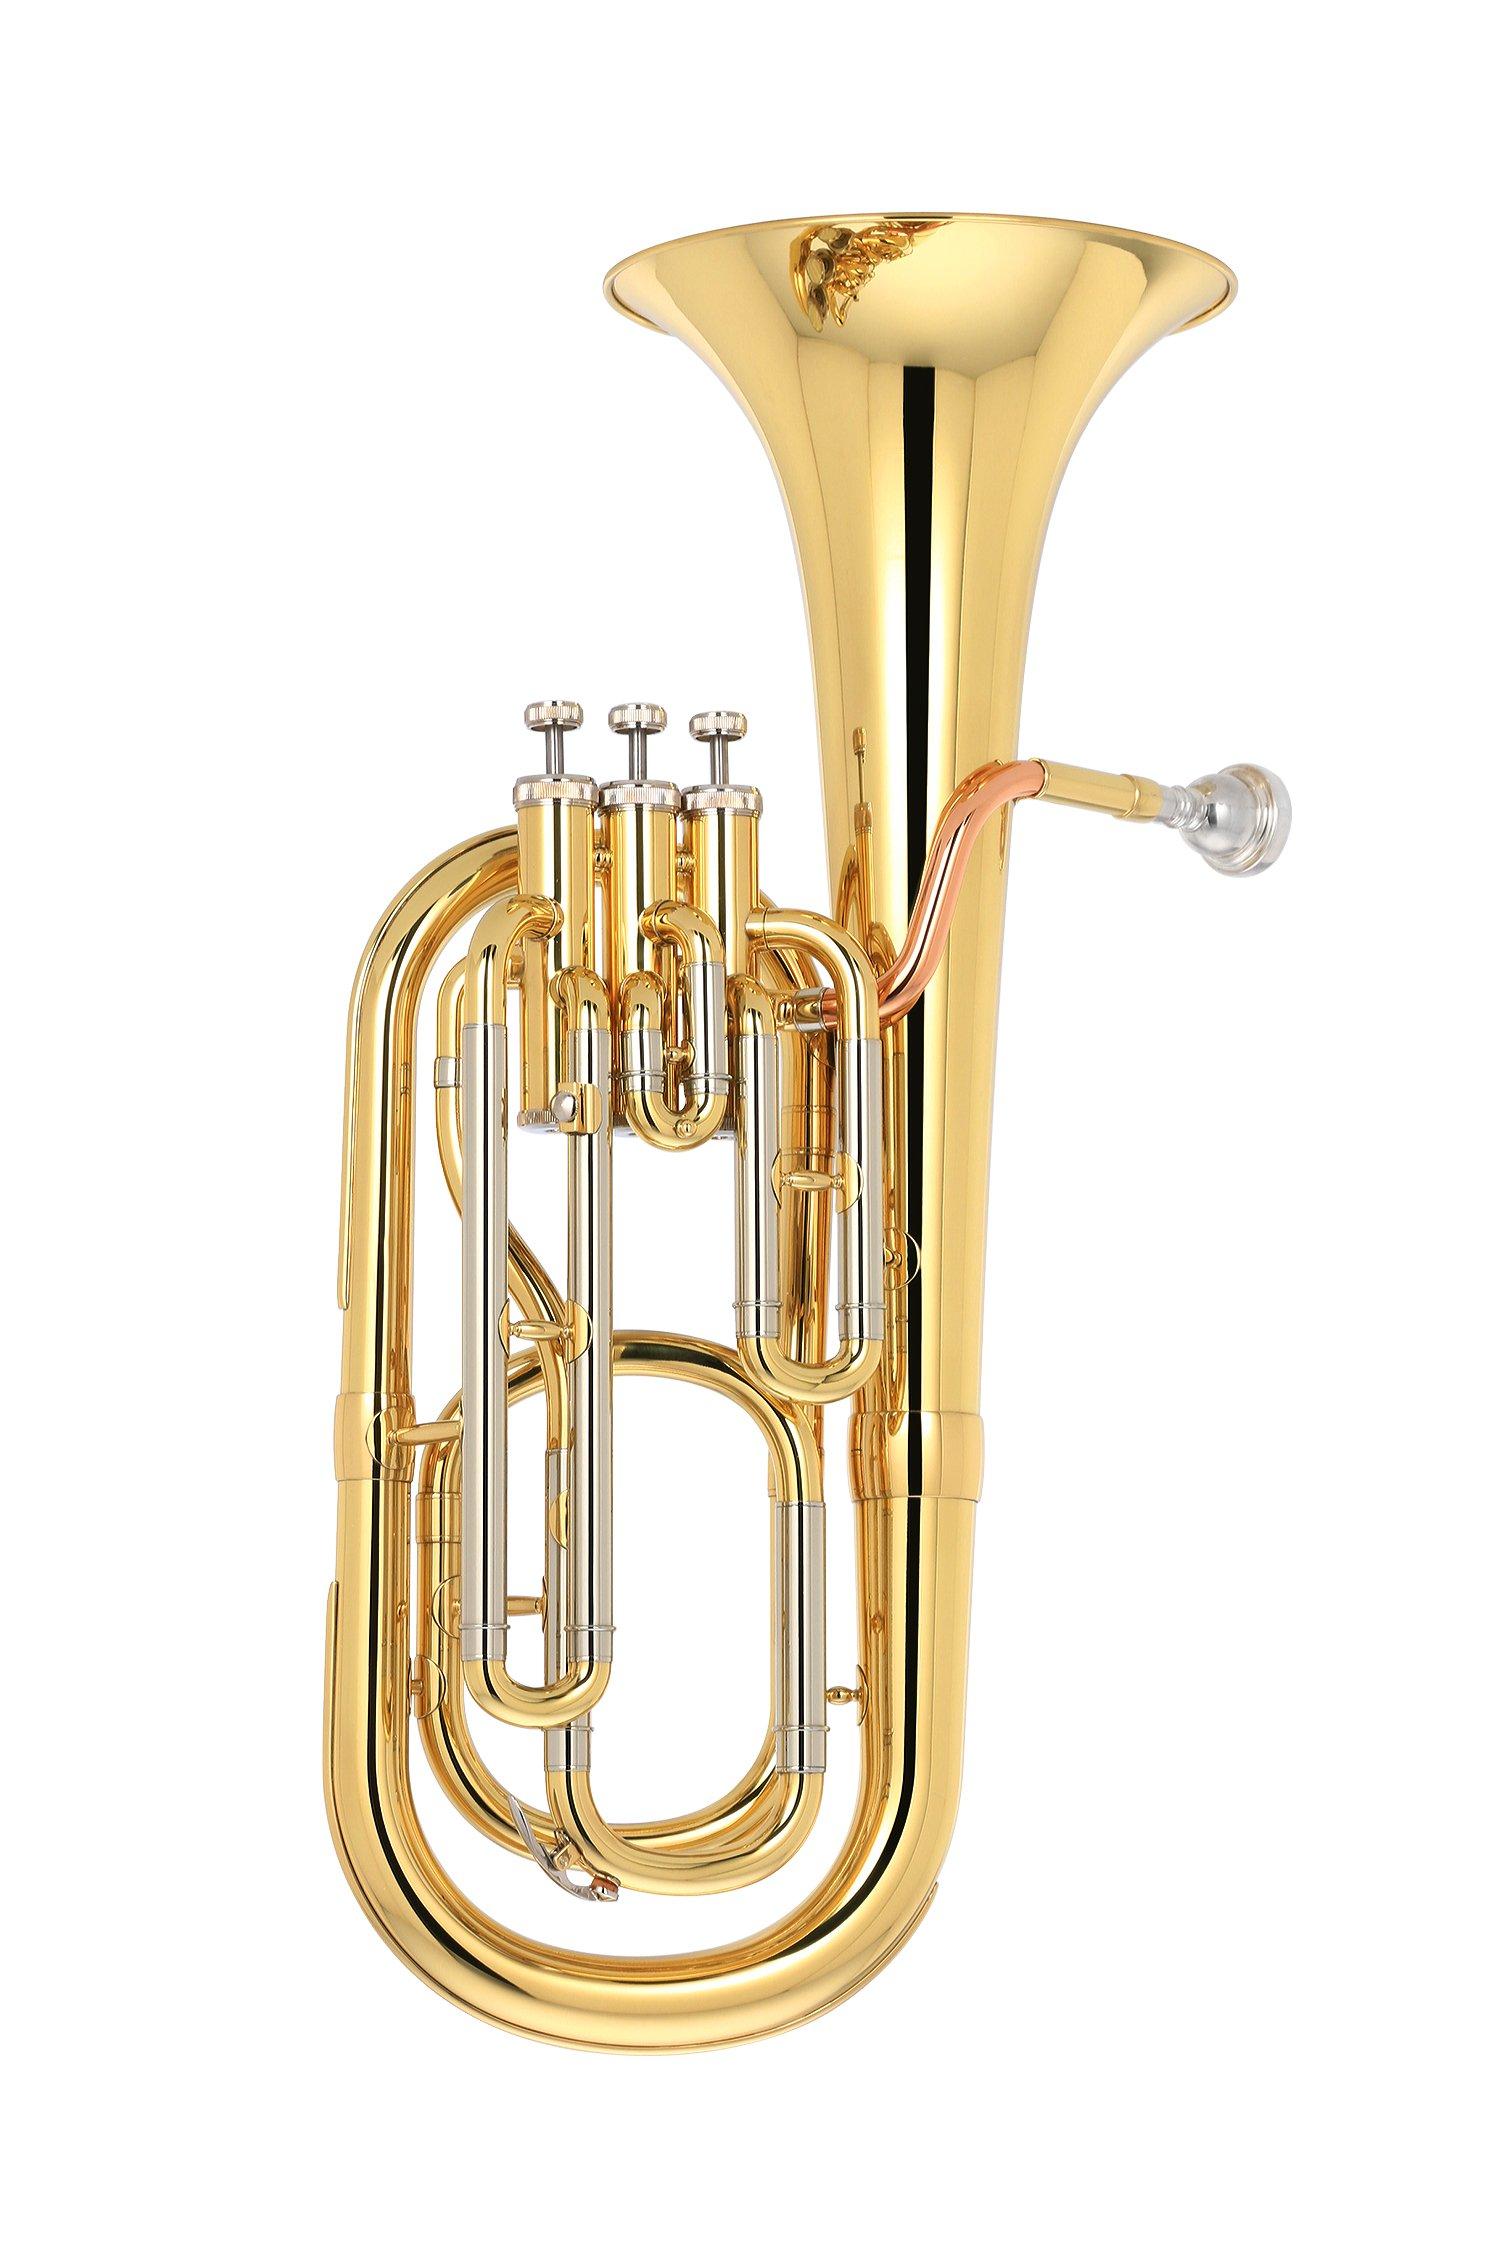 Kaizer Baritone Horn 2000 Series B Flat Bb Gold Lacquer BRH-2000LQ